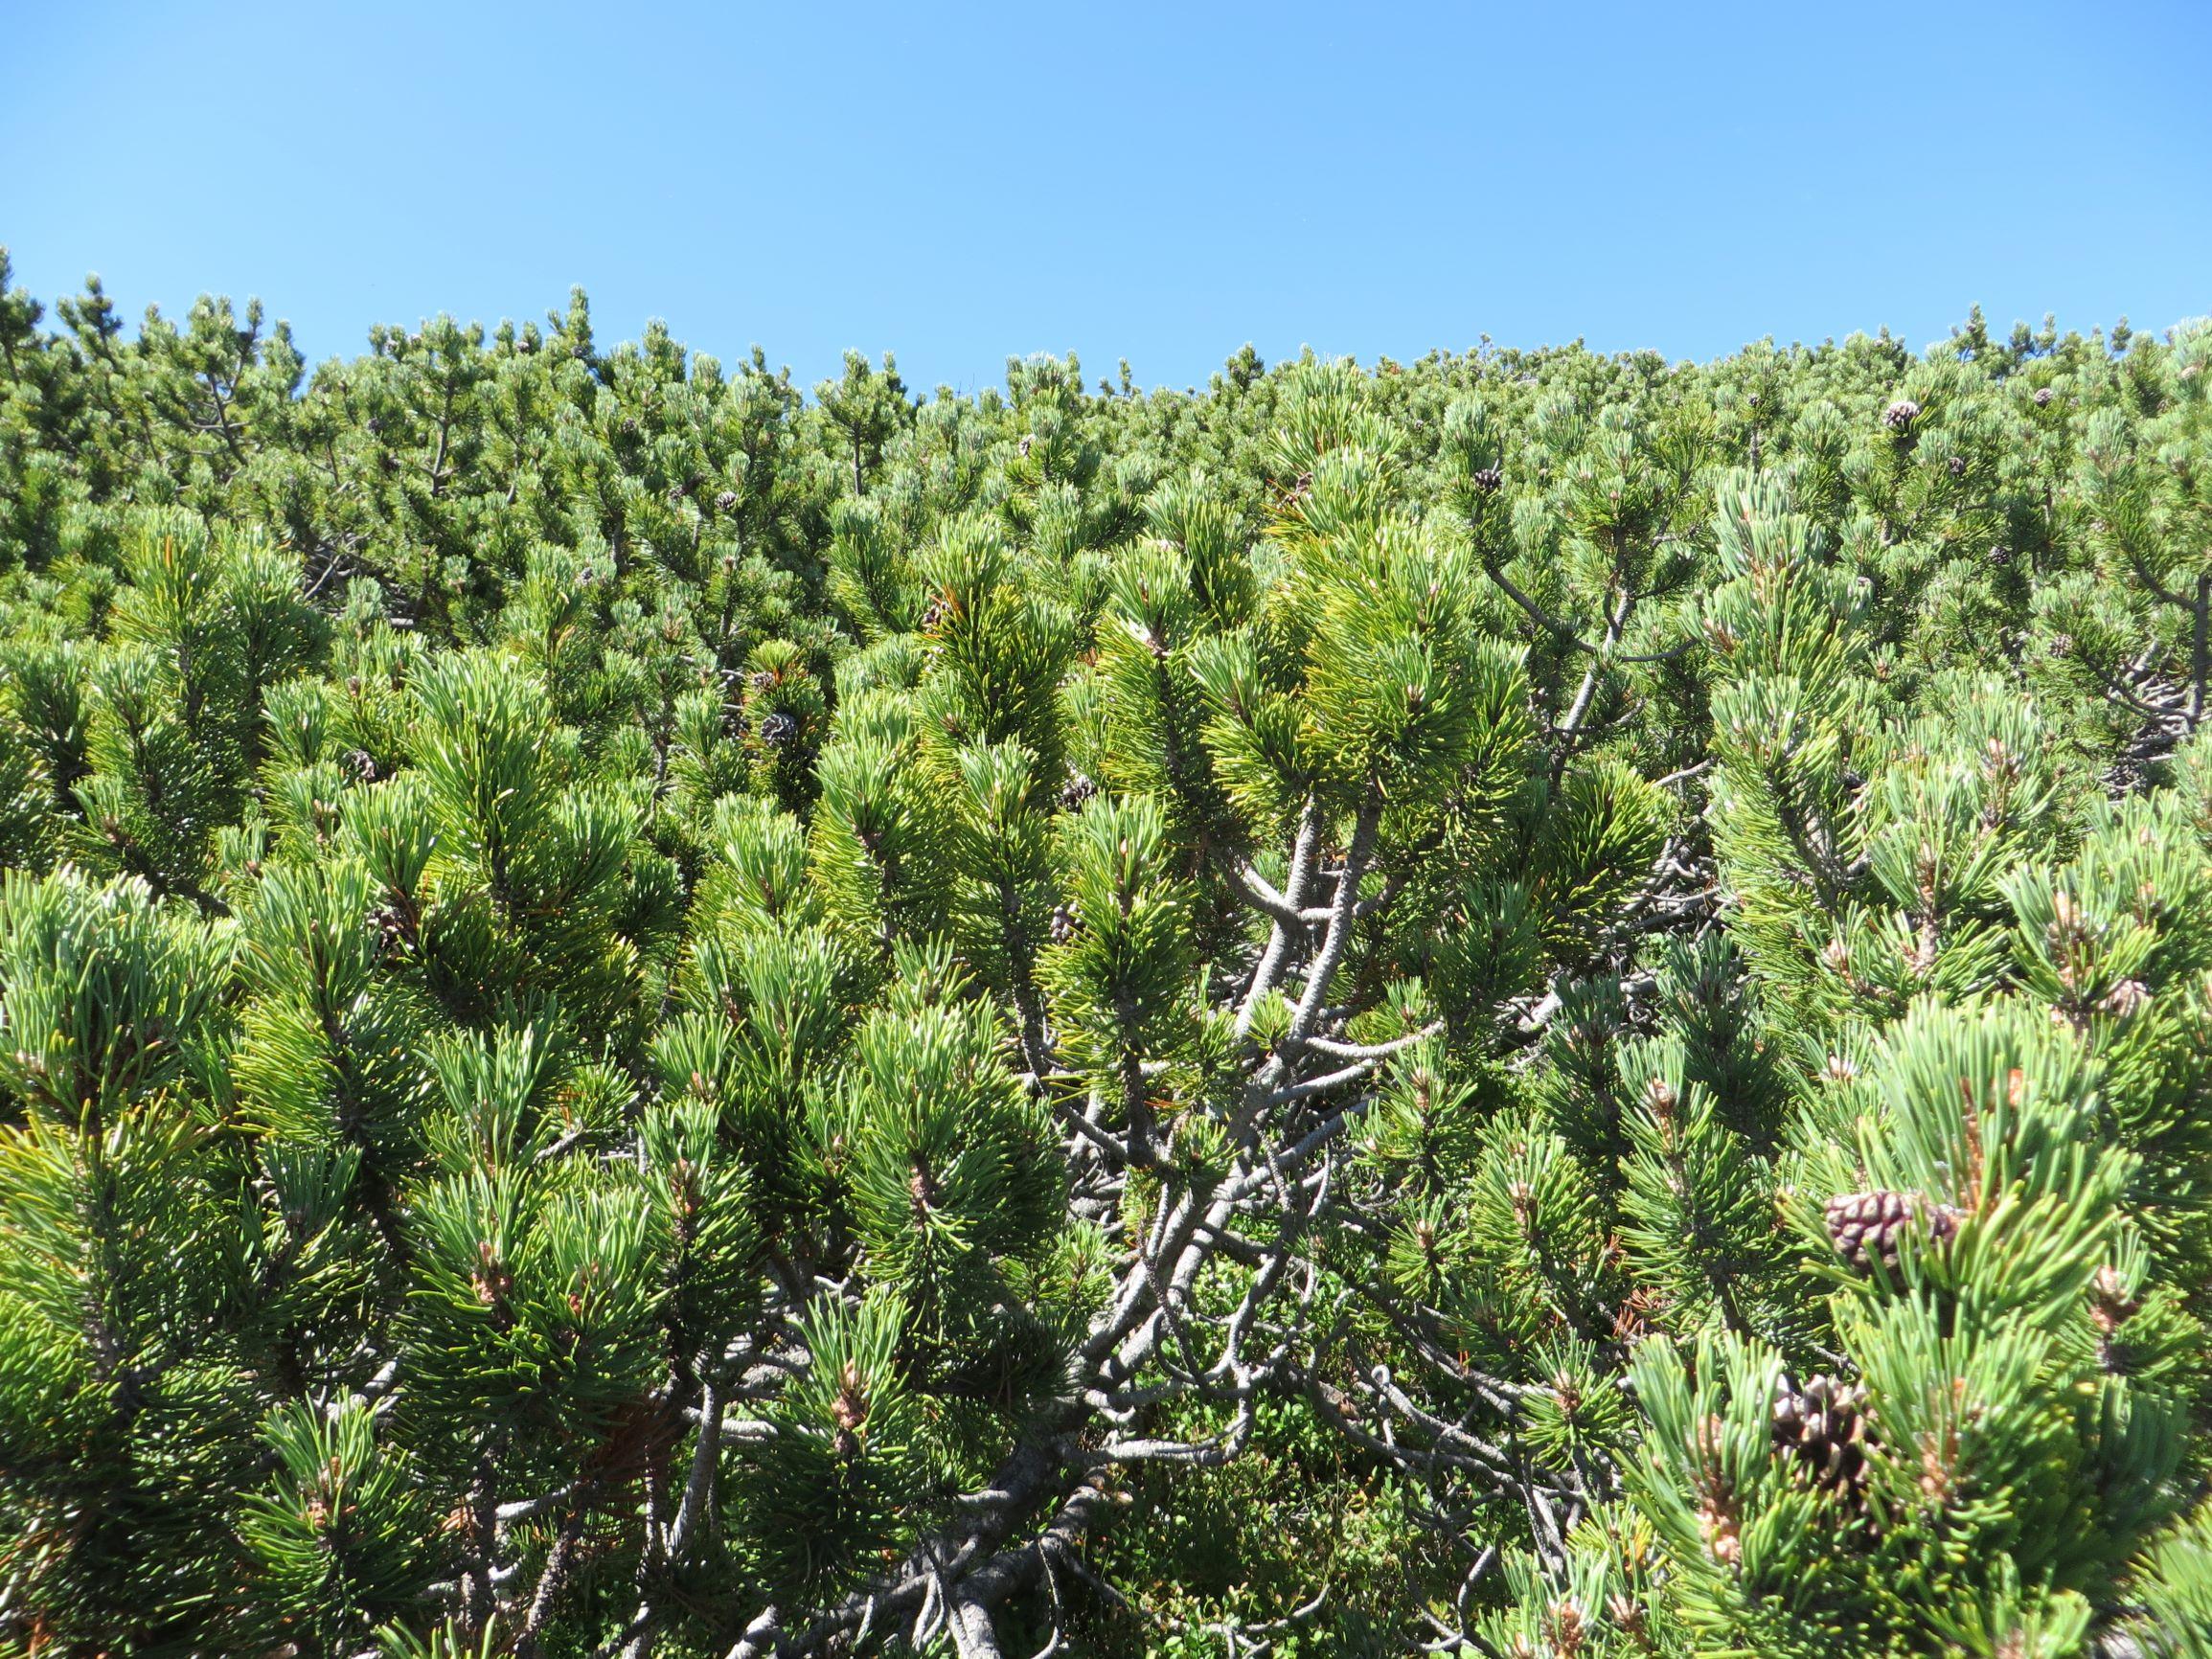 Pine shrubs in Rila